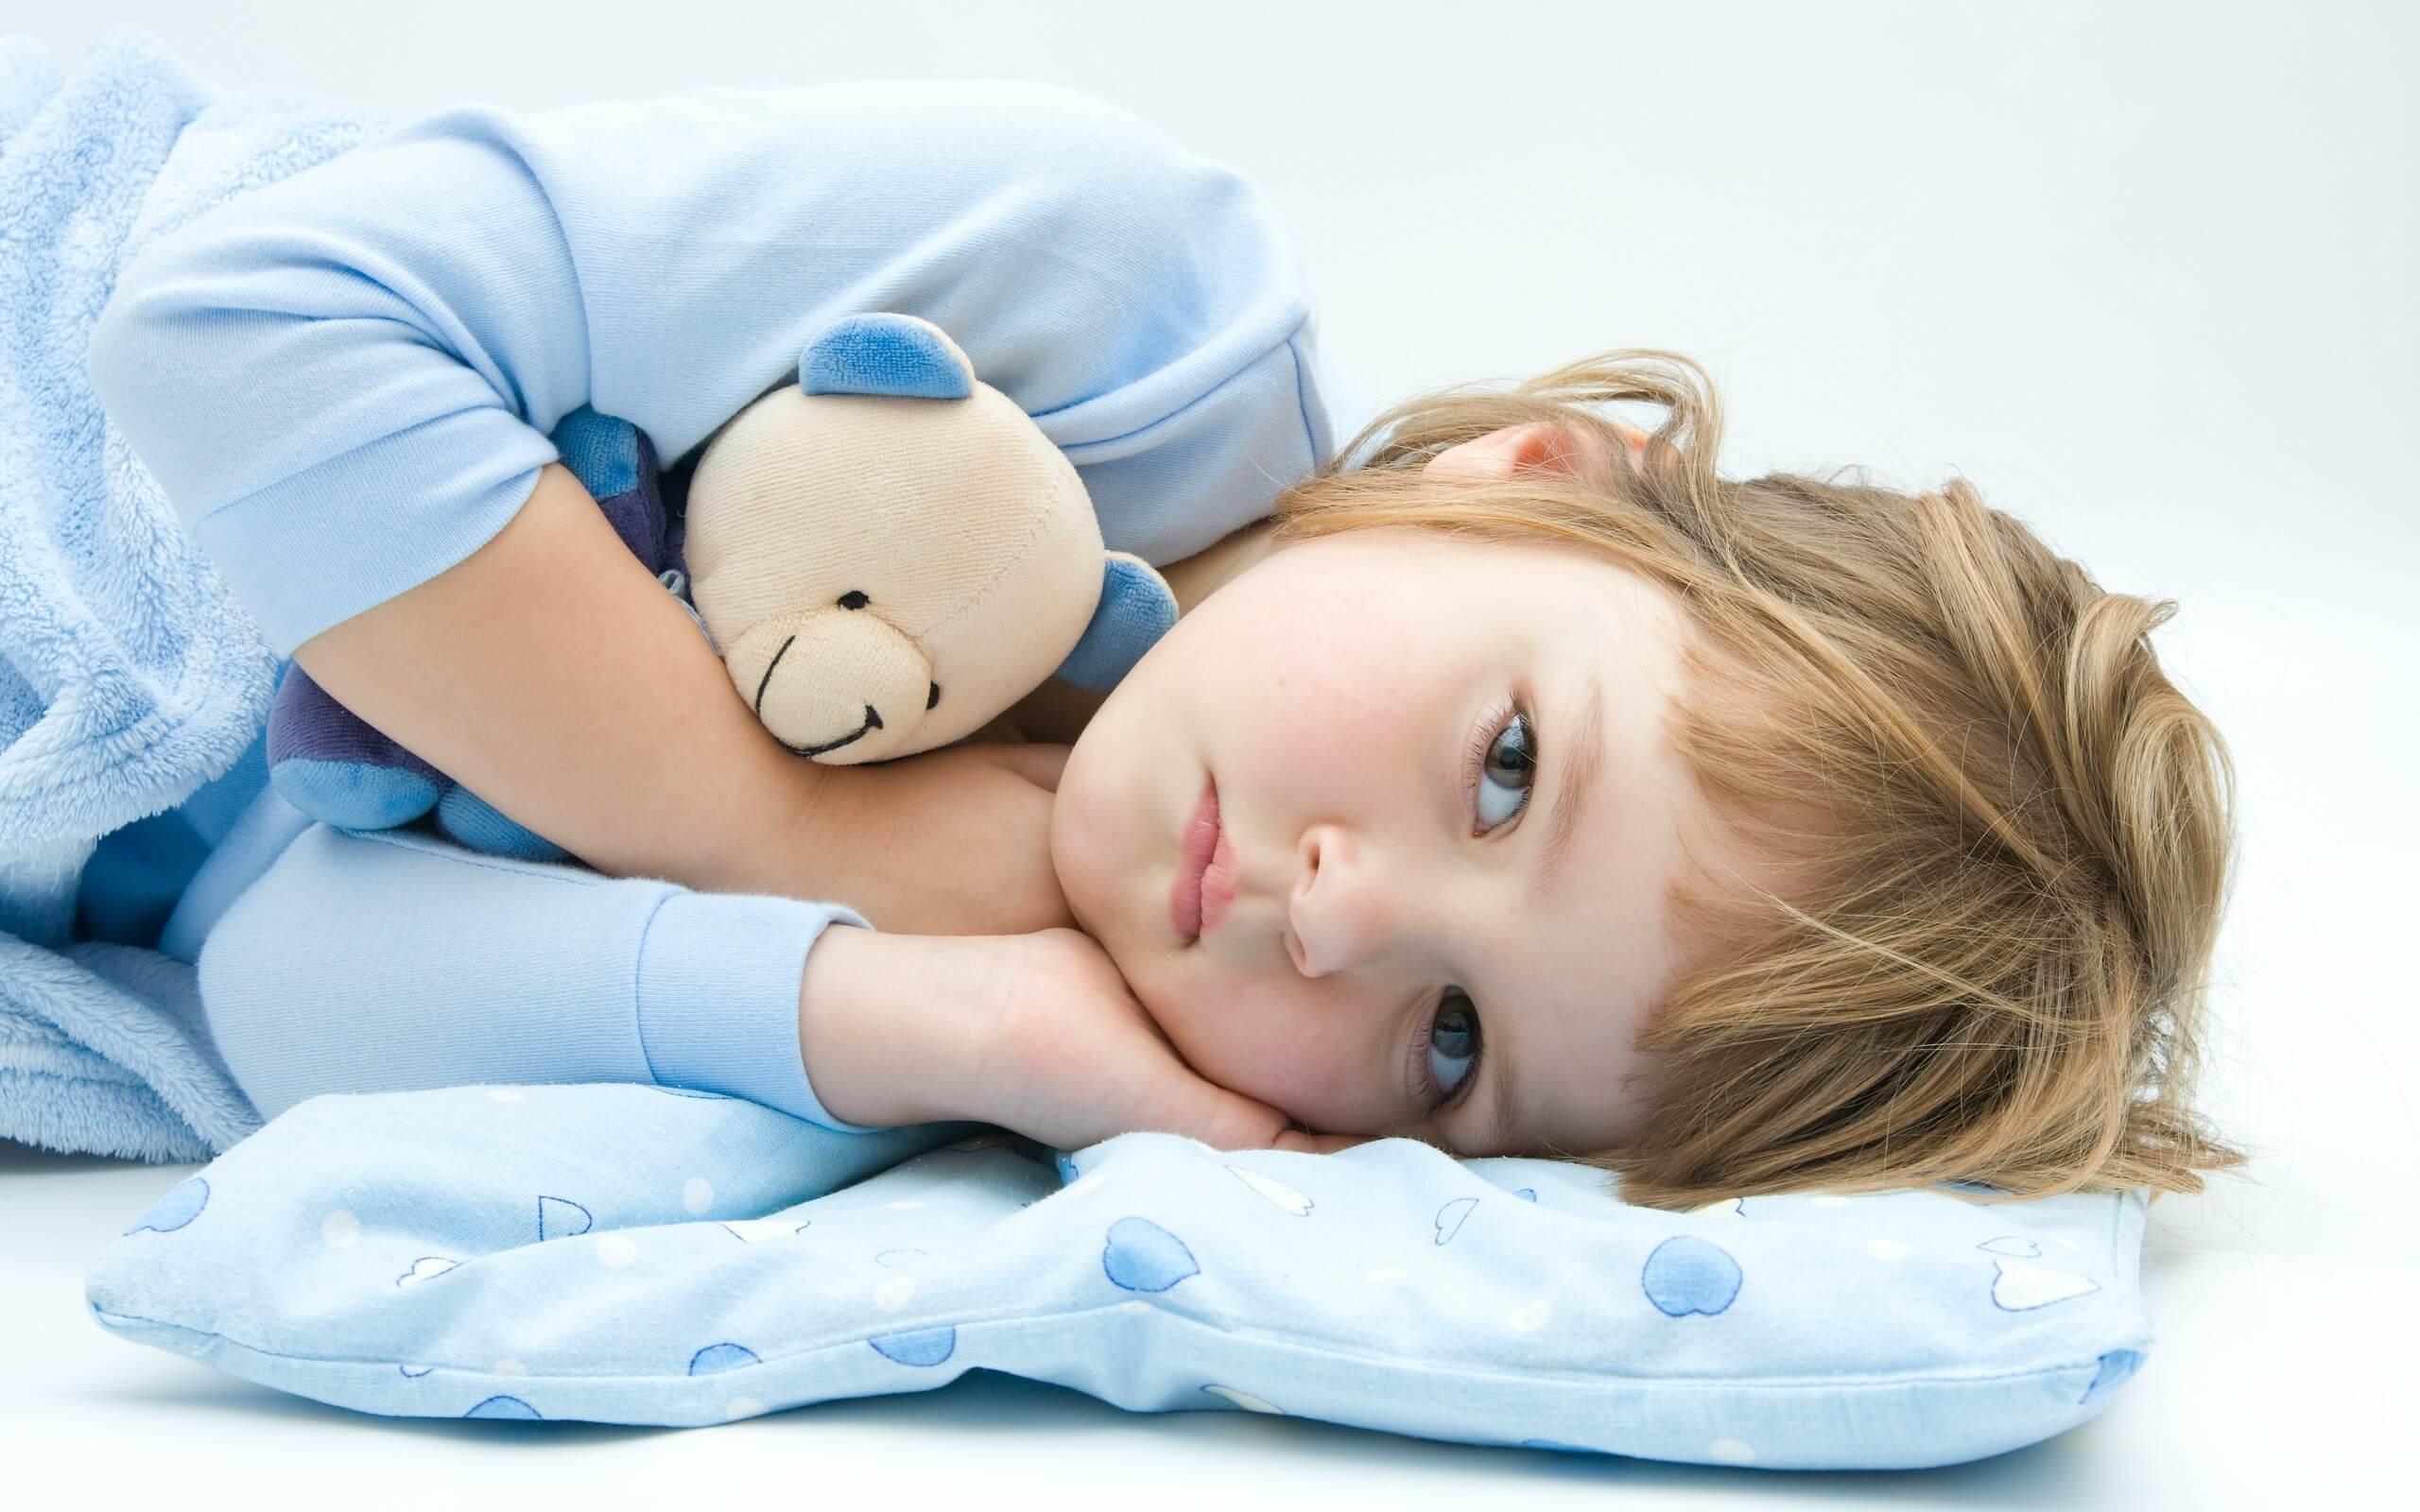 Почему возникает хроническая почечная недостаточность у детей?